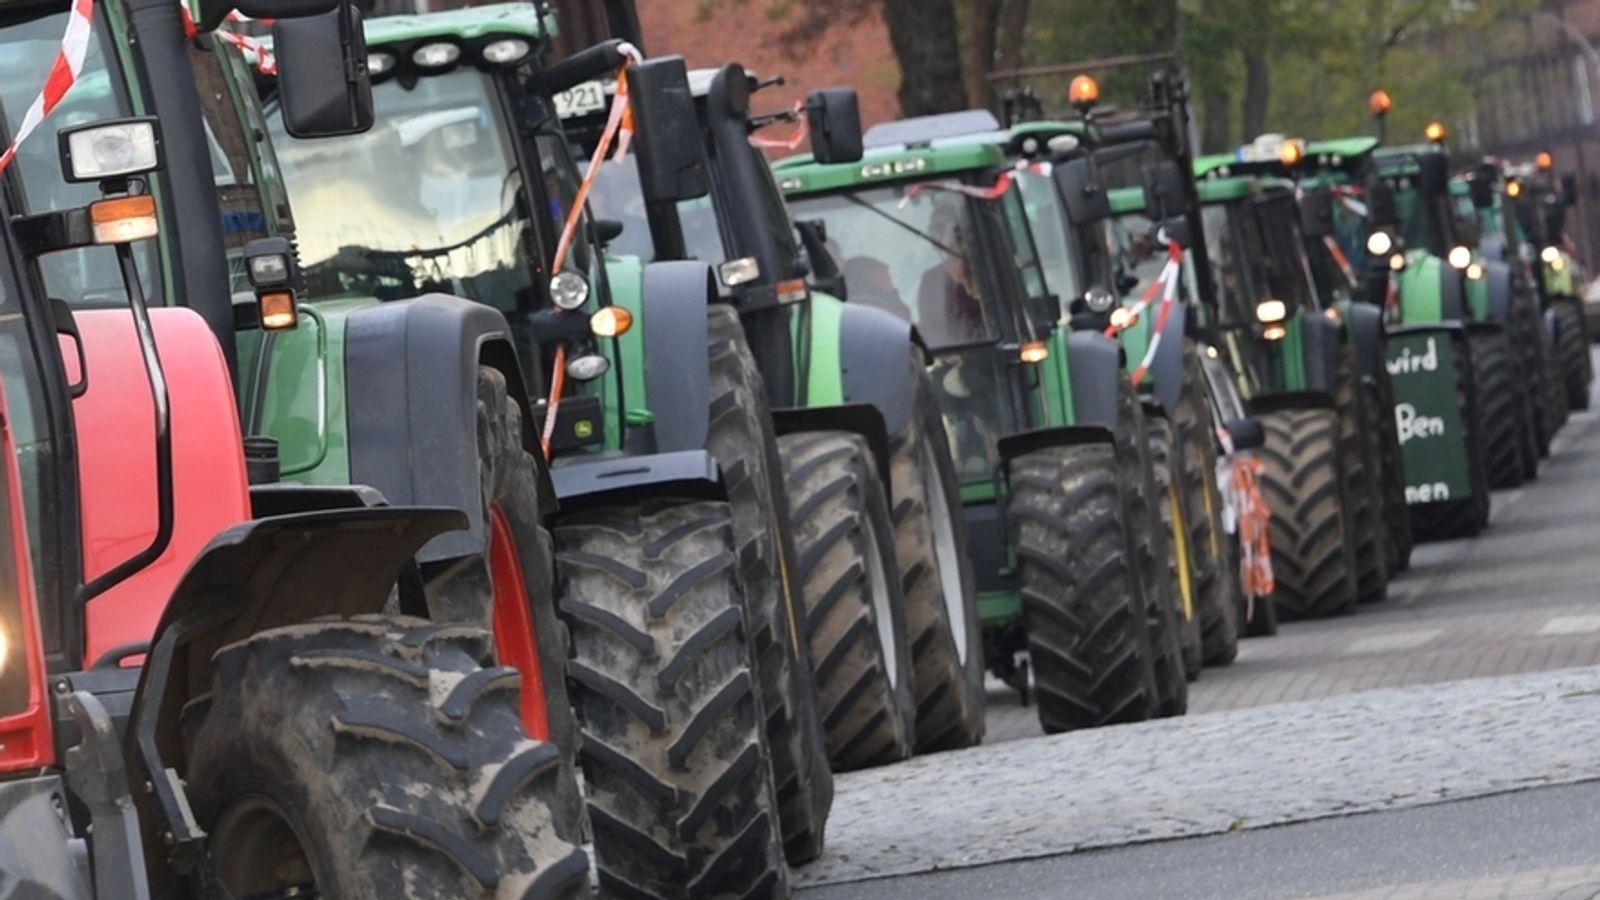 Bauernprotest in Memmingen: mehr als 1.500 Traktoren erwartet